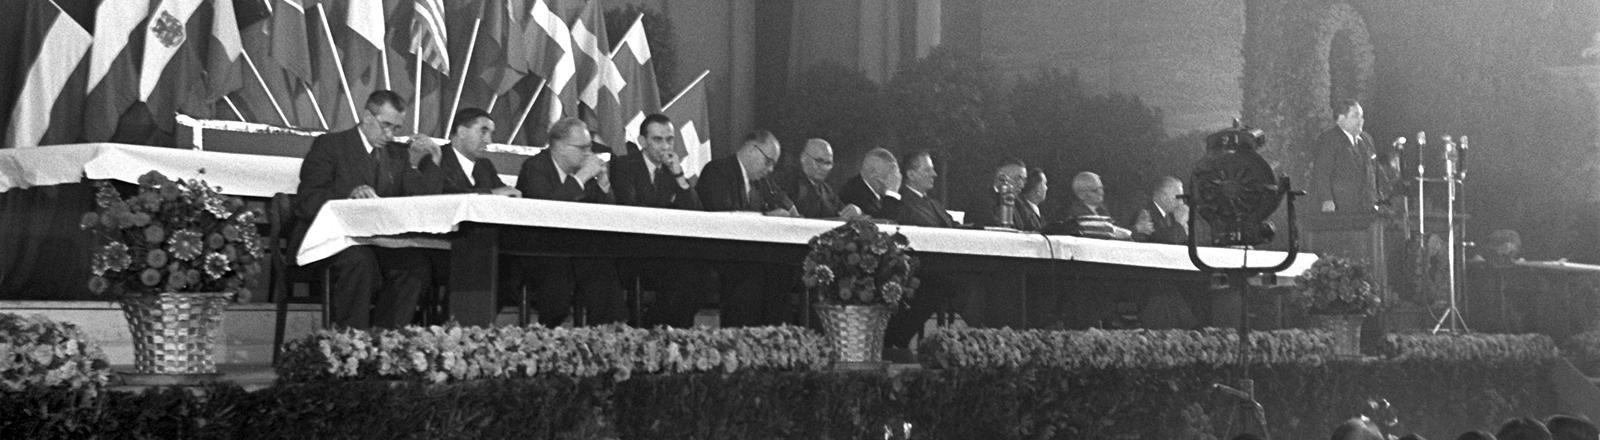 Die Rednertribüne des Kongreßsaales während der Eröffnungsfeierlichkeiten zur Gründung des DGB.